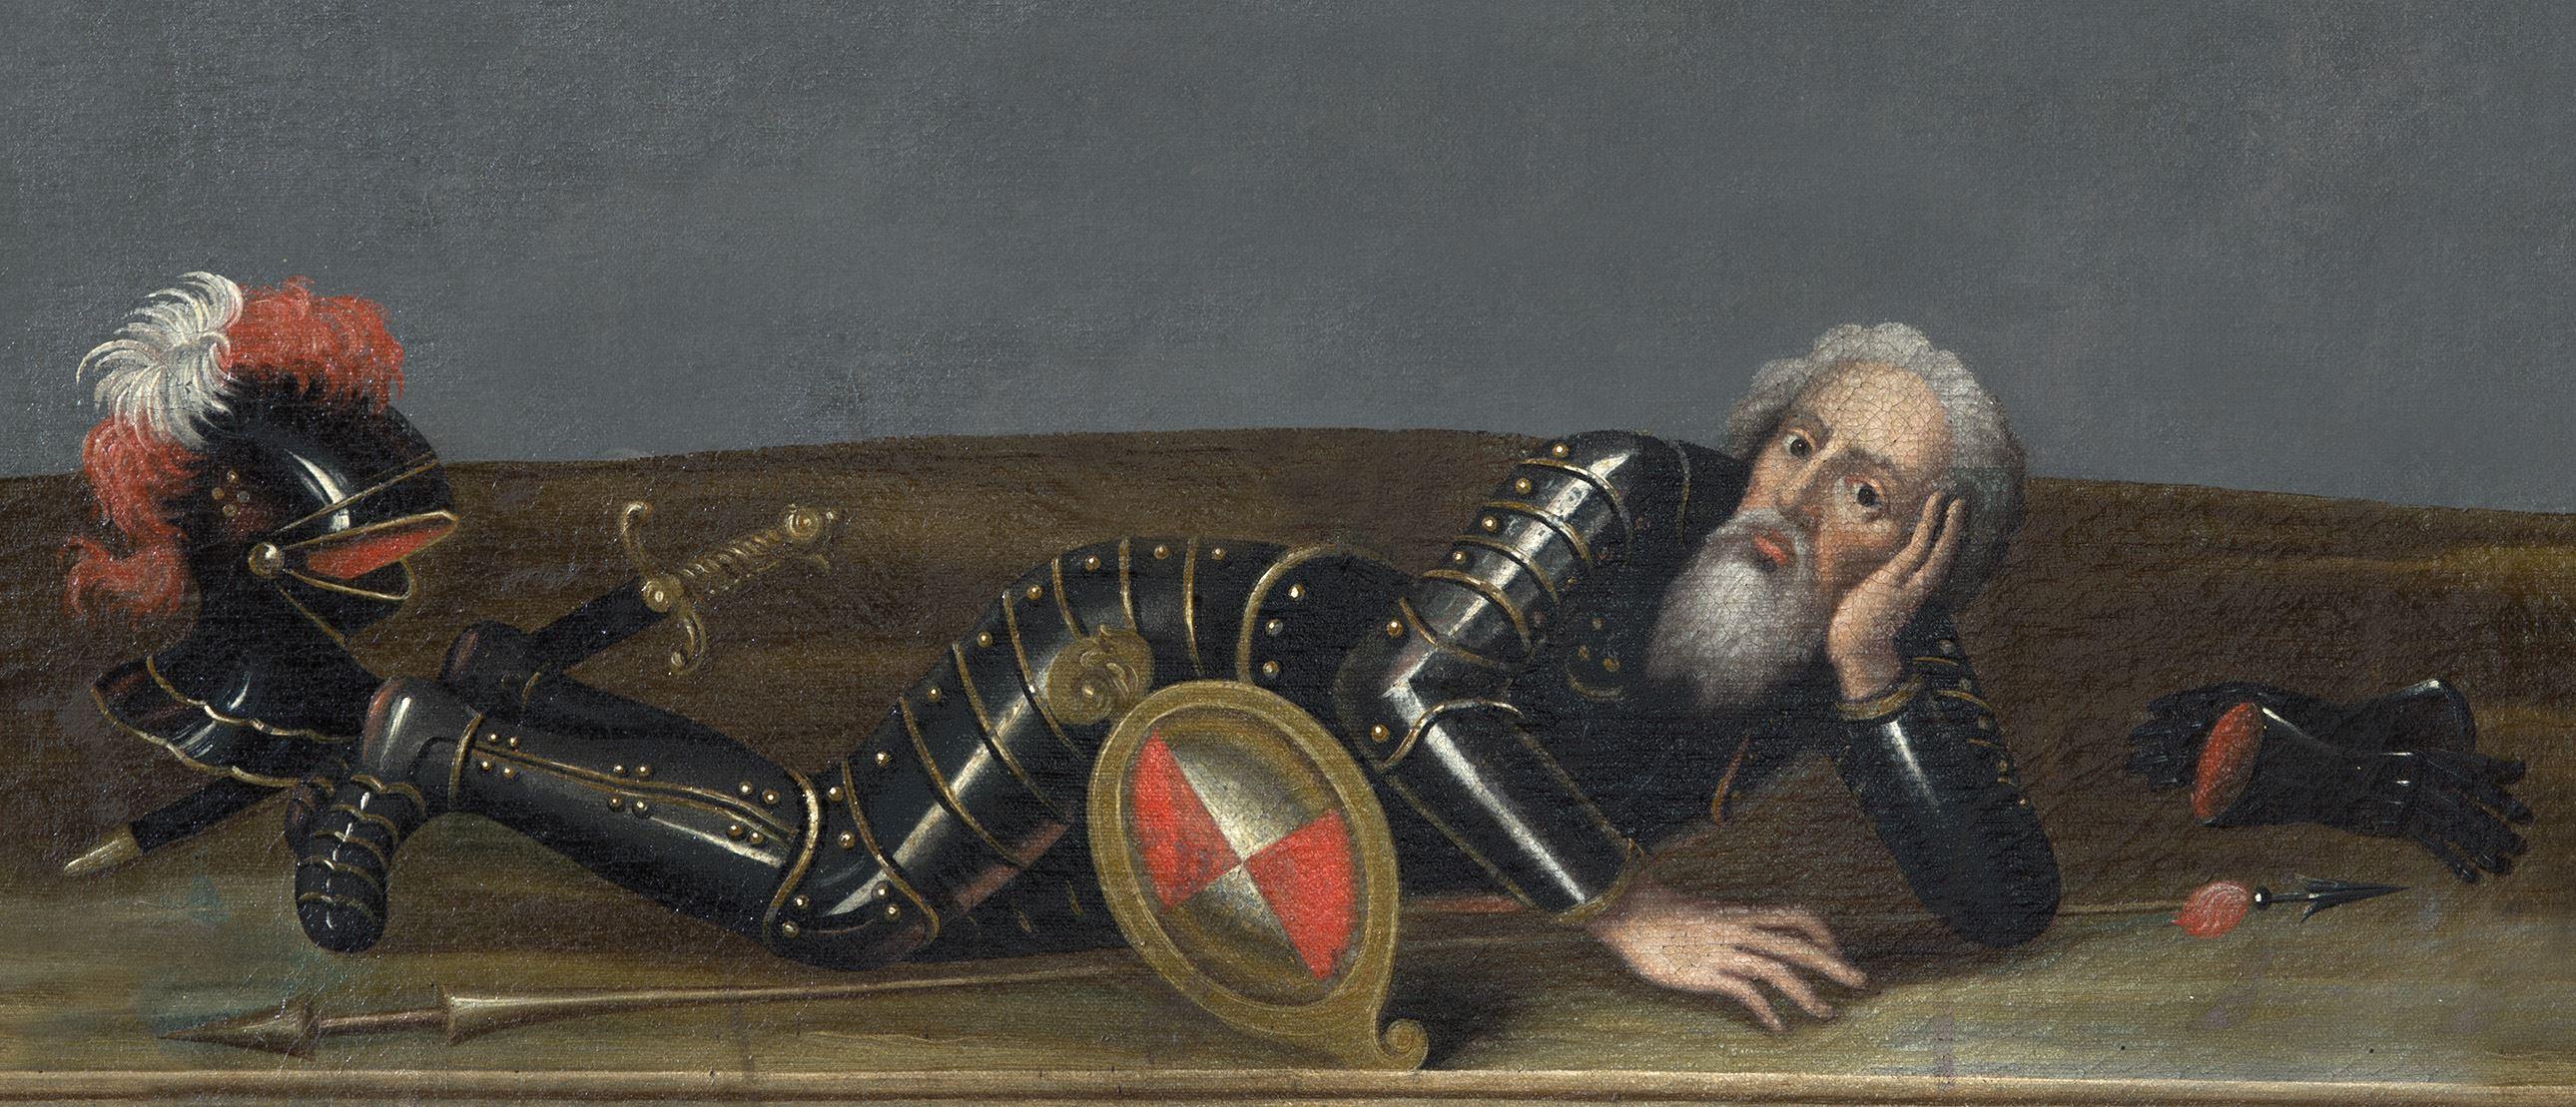 Utställning - Manligt… myter, muskler och mustasch